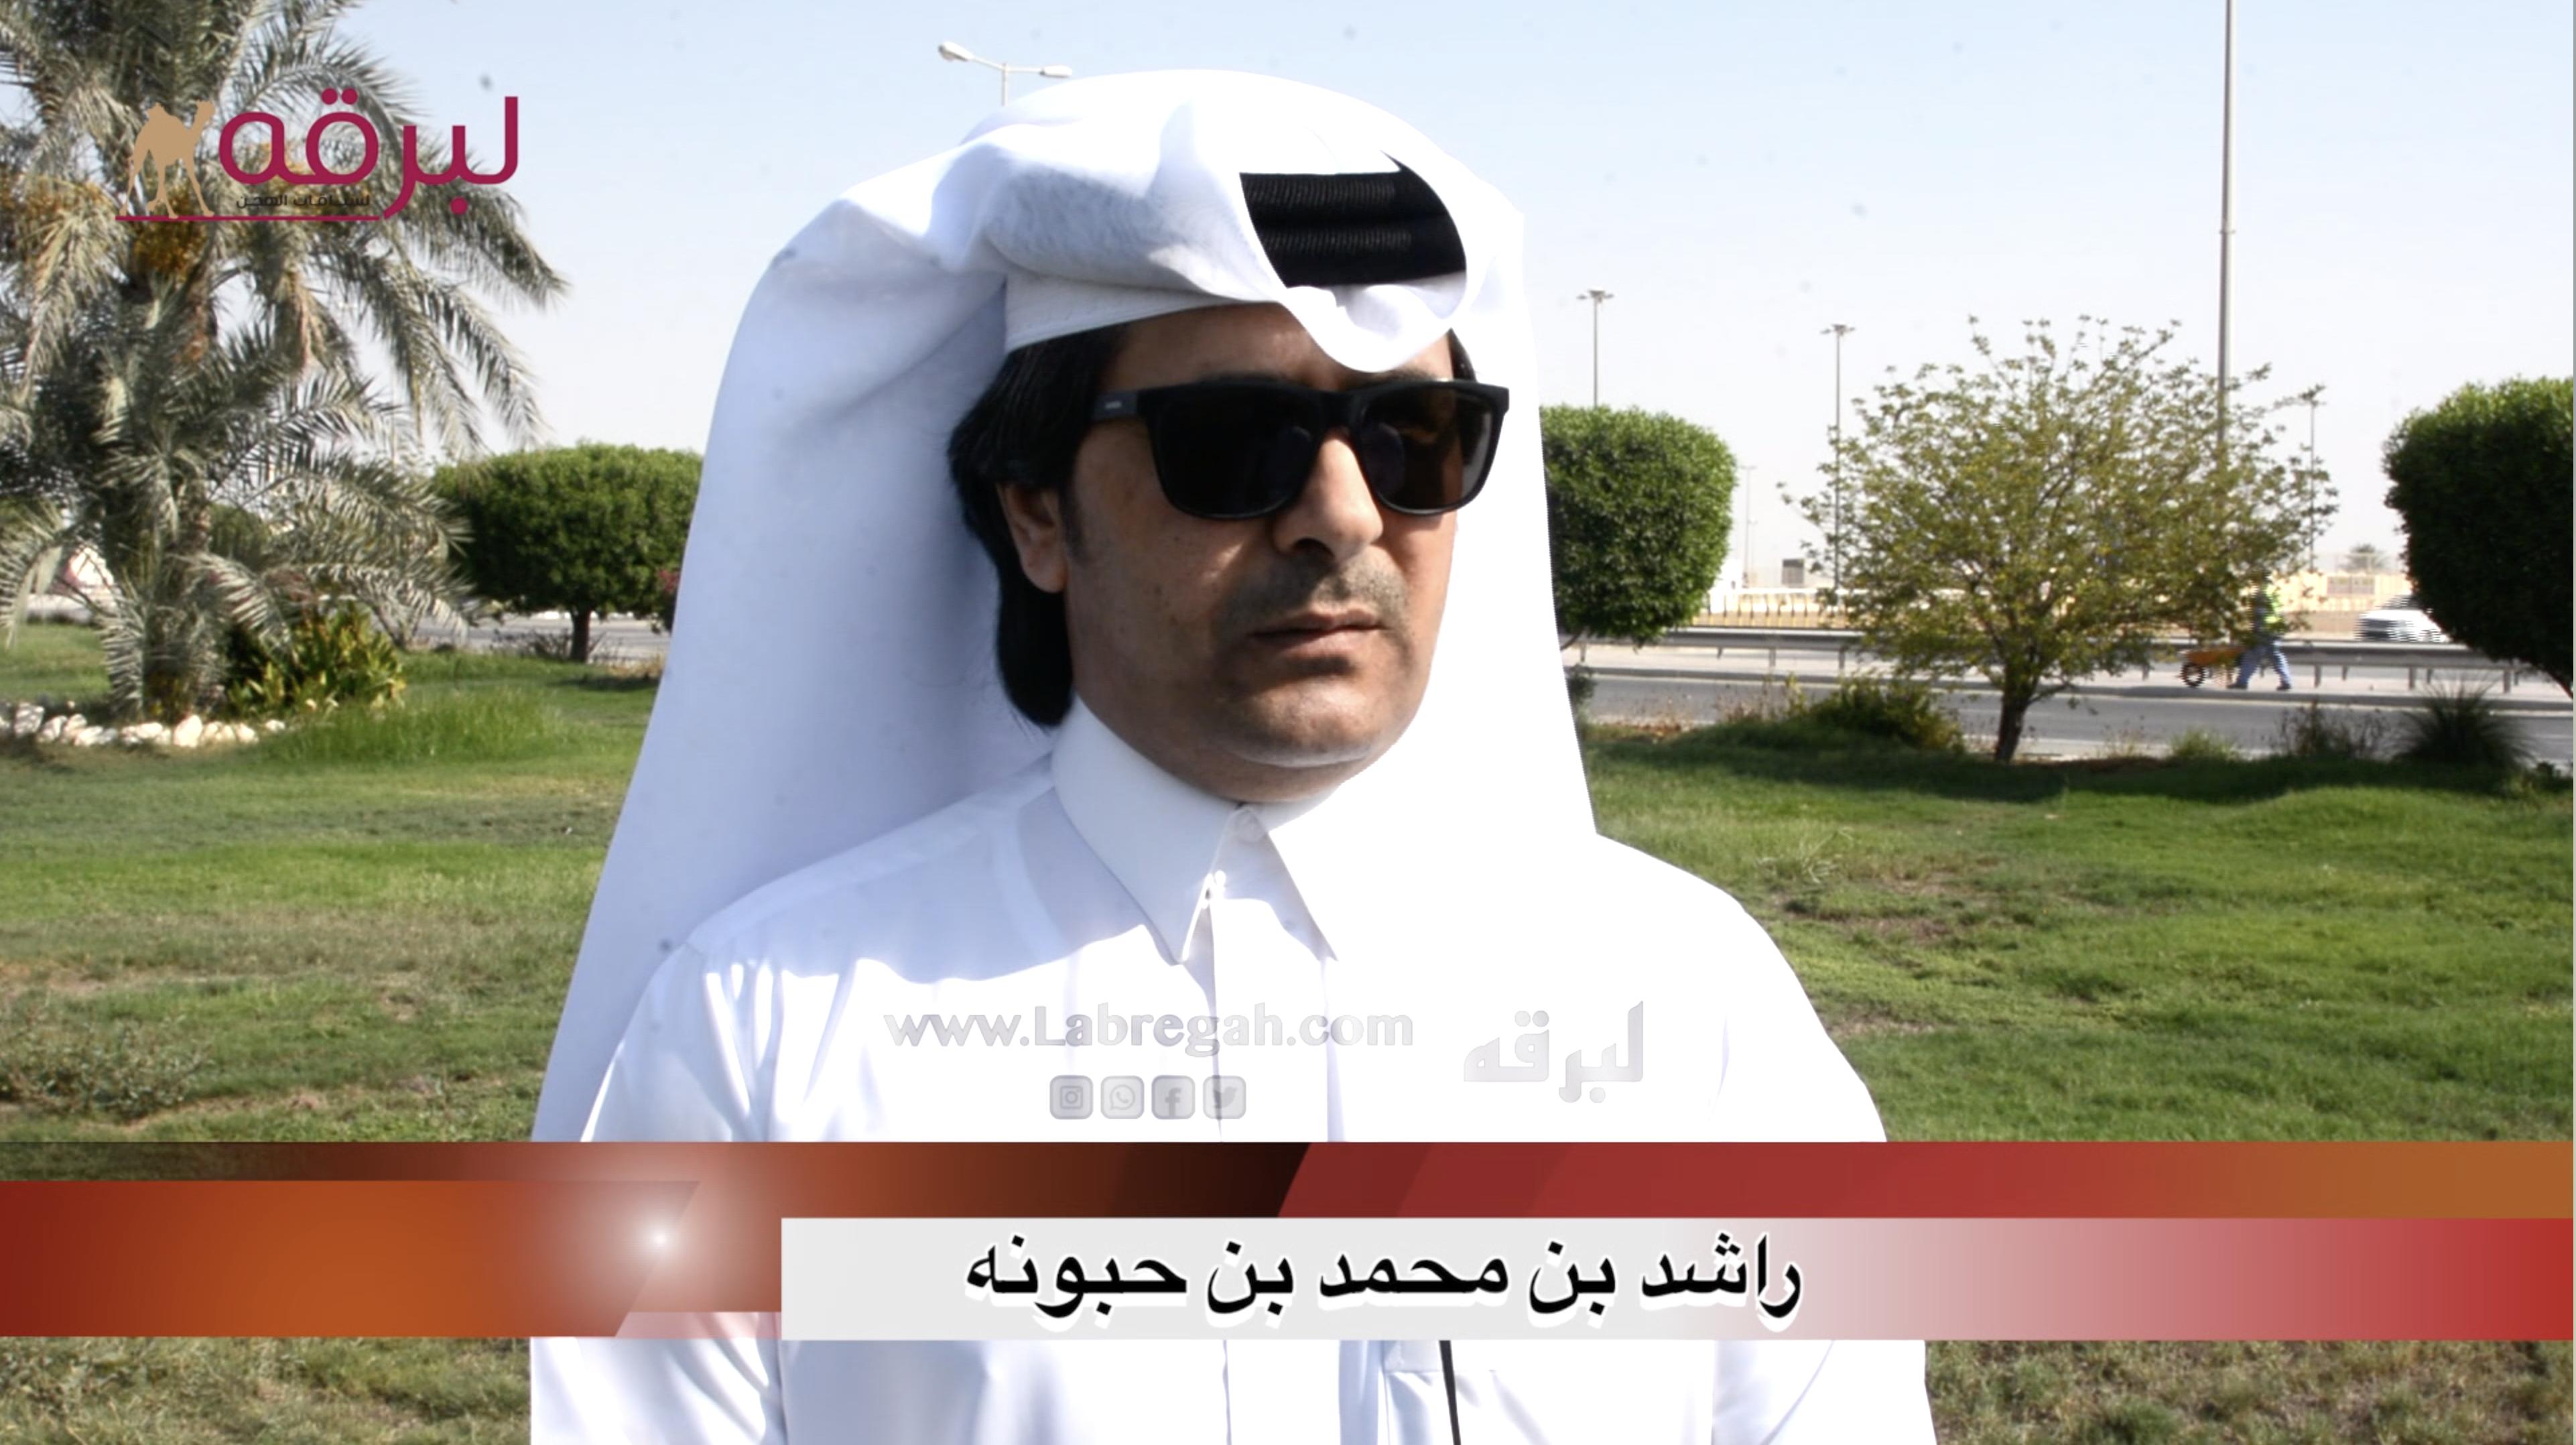 لقاء مع راشد بن محمد بن حبونه.. الشوط الرئيسي للزمول المفتوح صباح ١٣-٩-٢٠٢٠